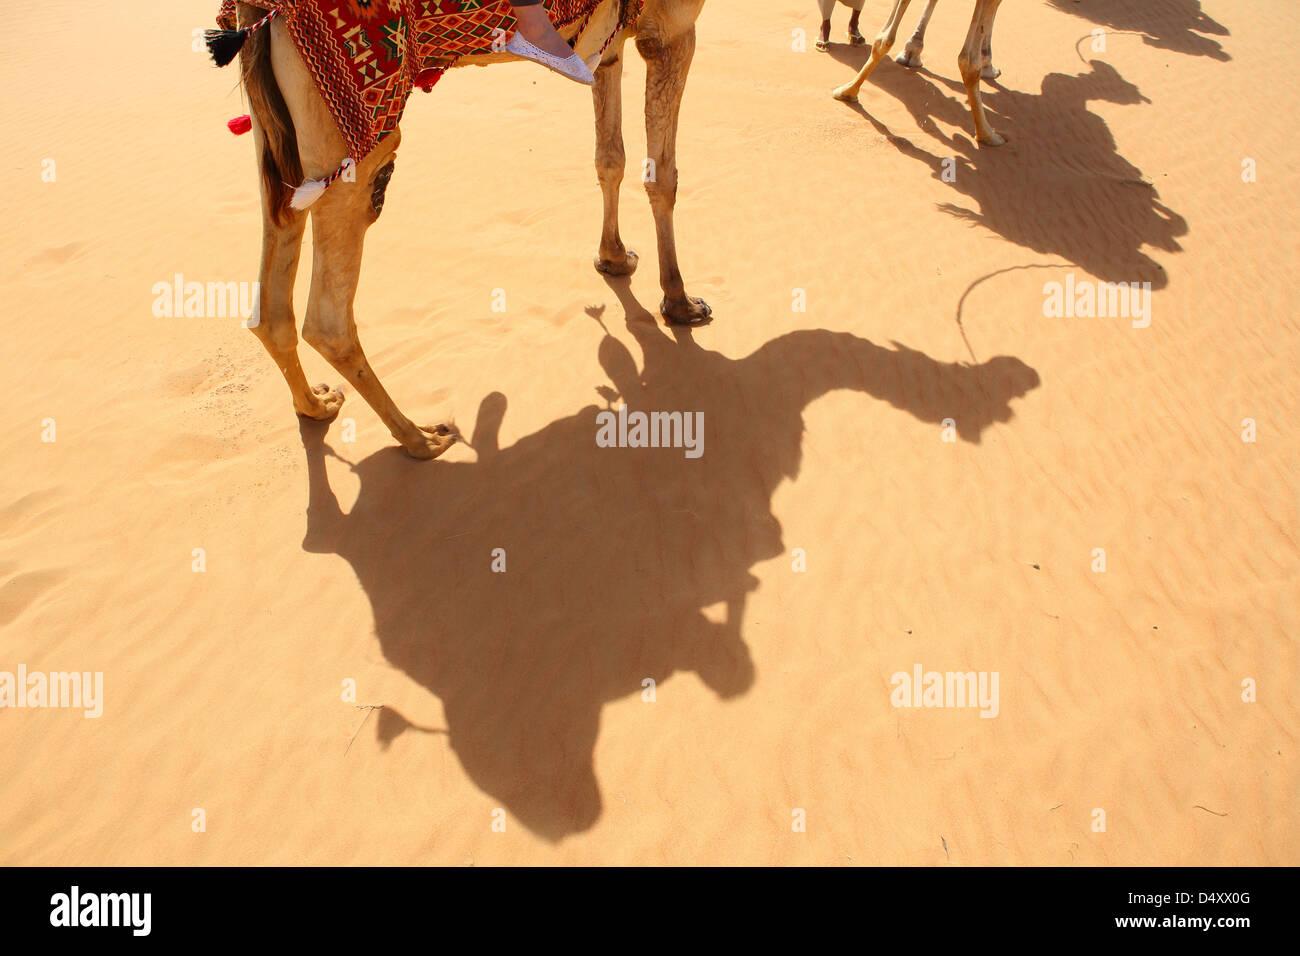 Shadows of camels on desert sand, Dubai, United Arab Emirates - Stock Image